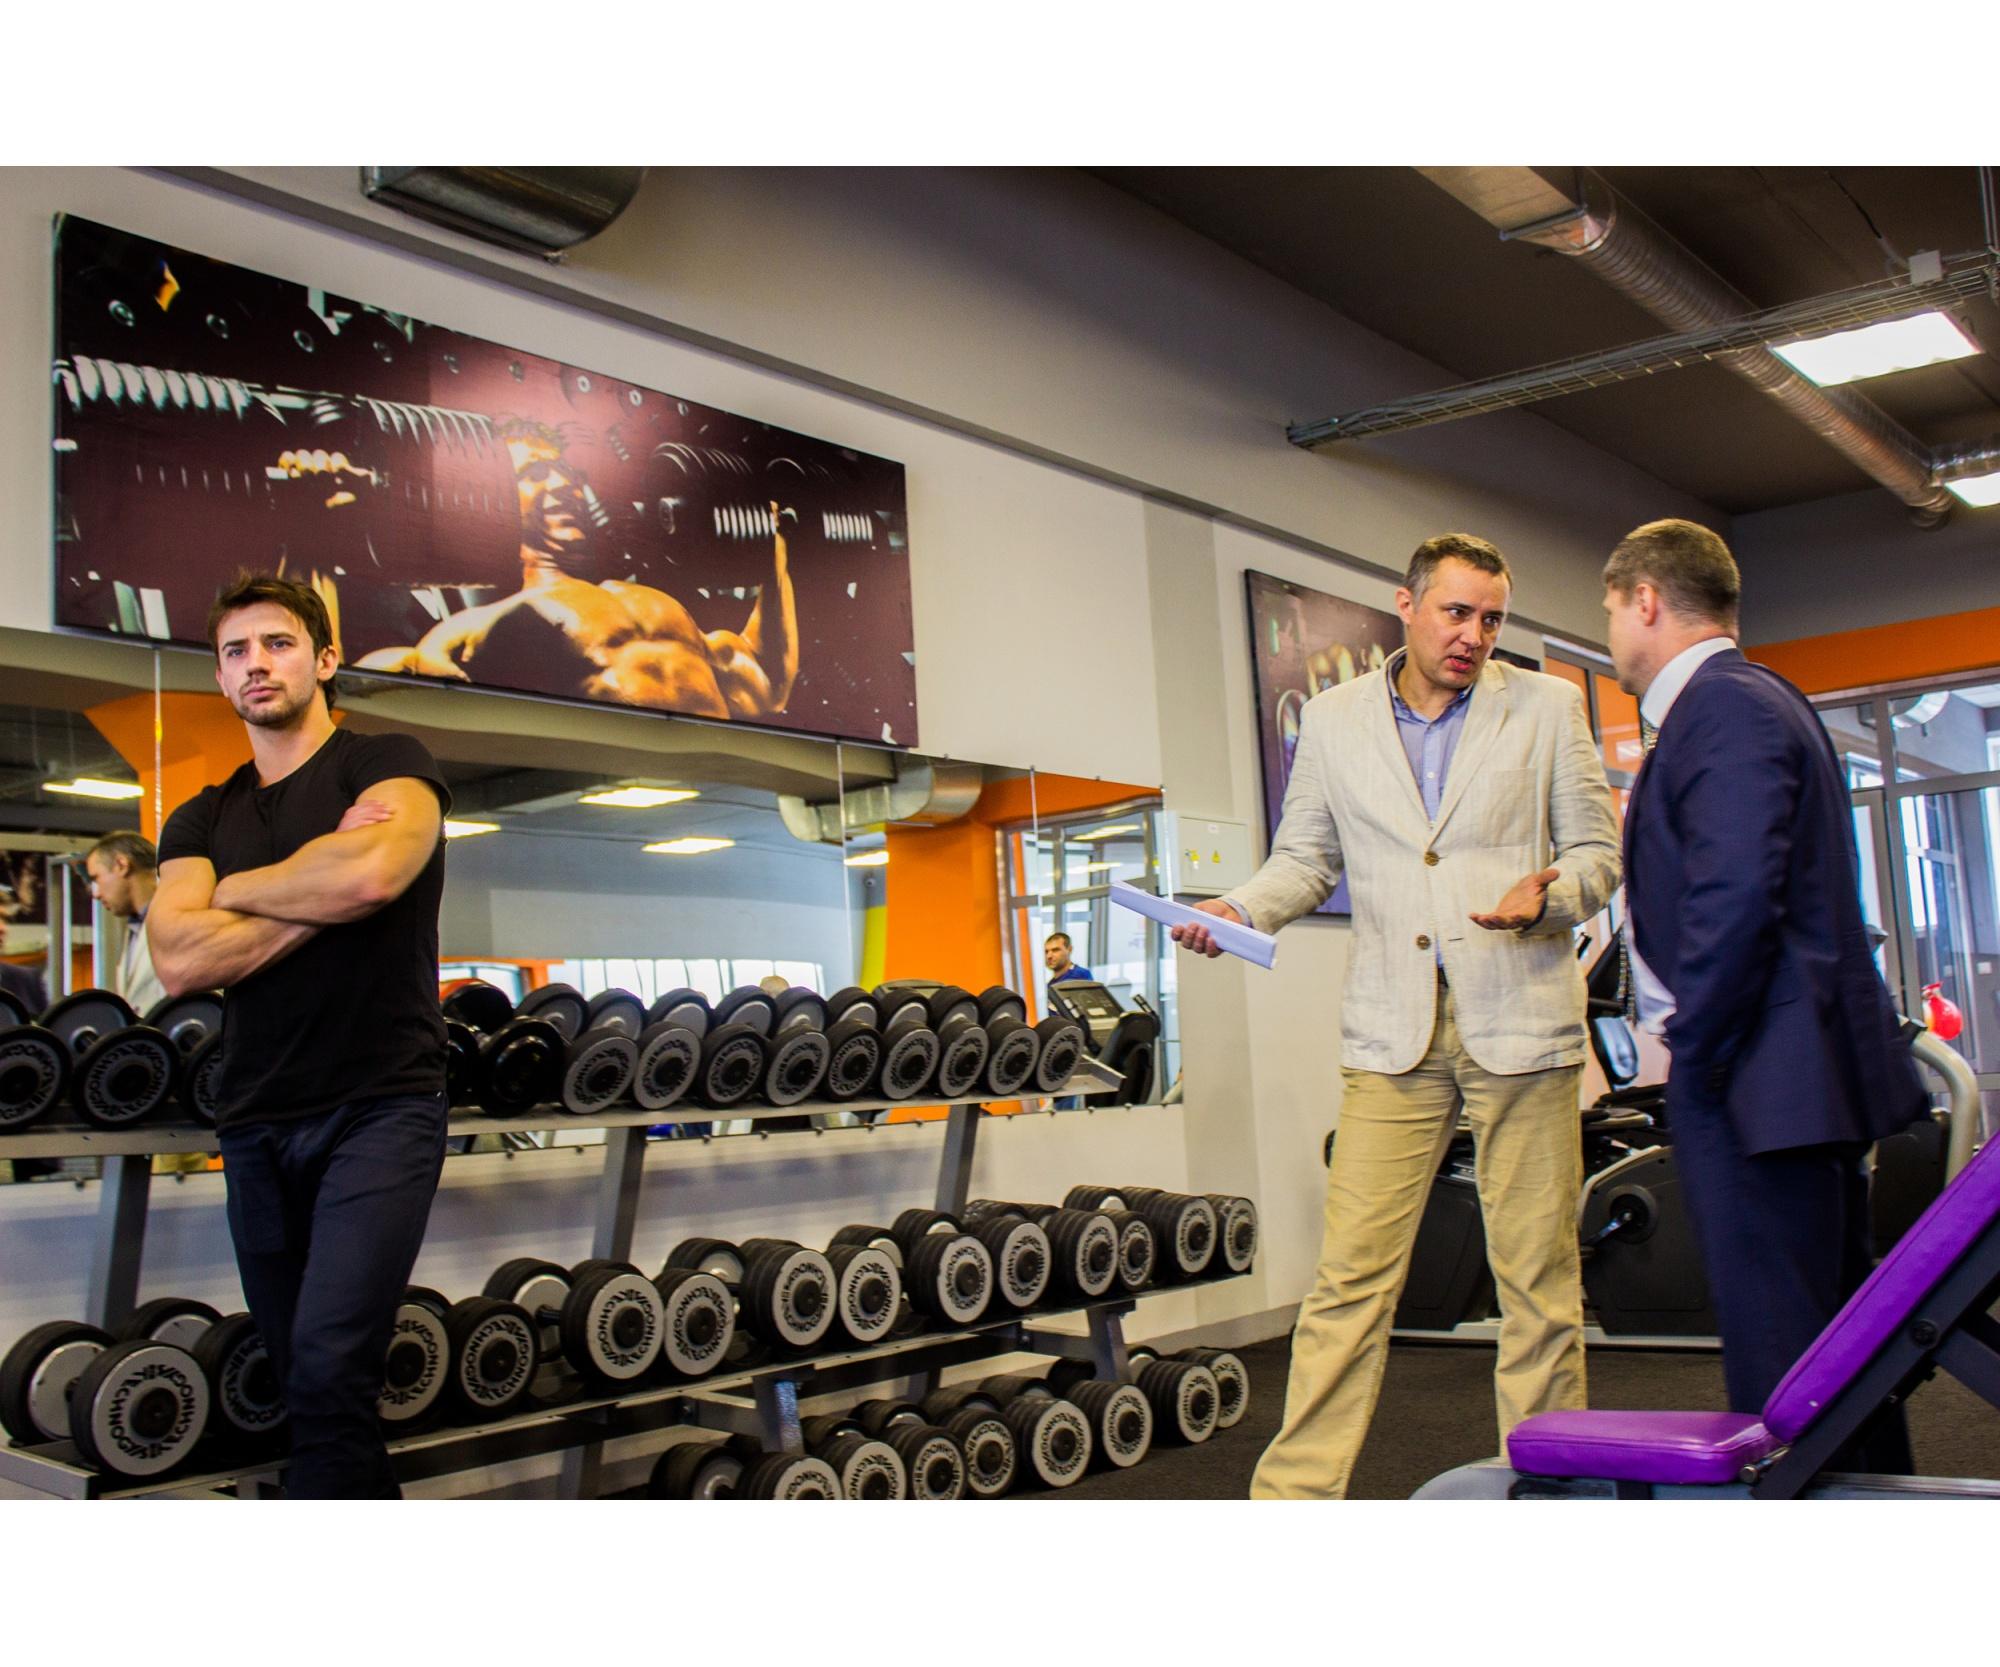 Такому фитнес-центру могут позавидовать и в Новосибирске